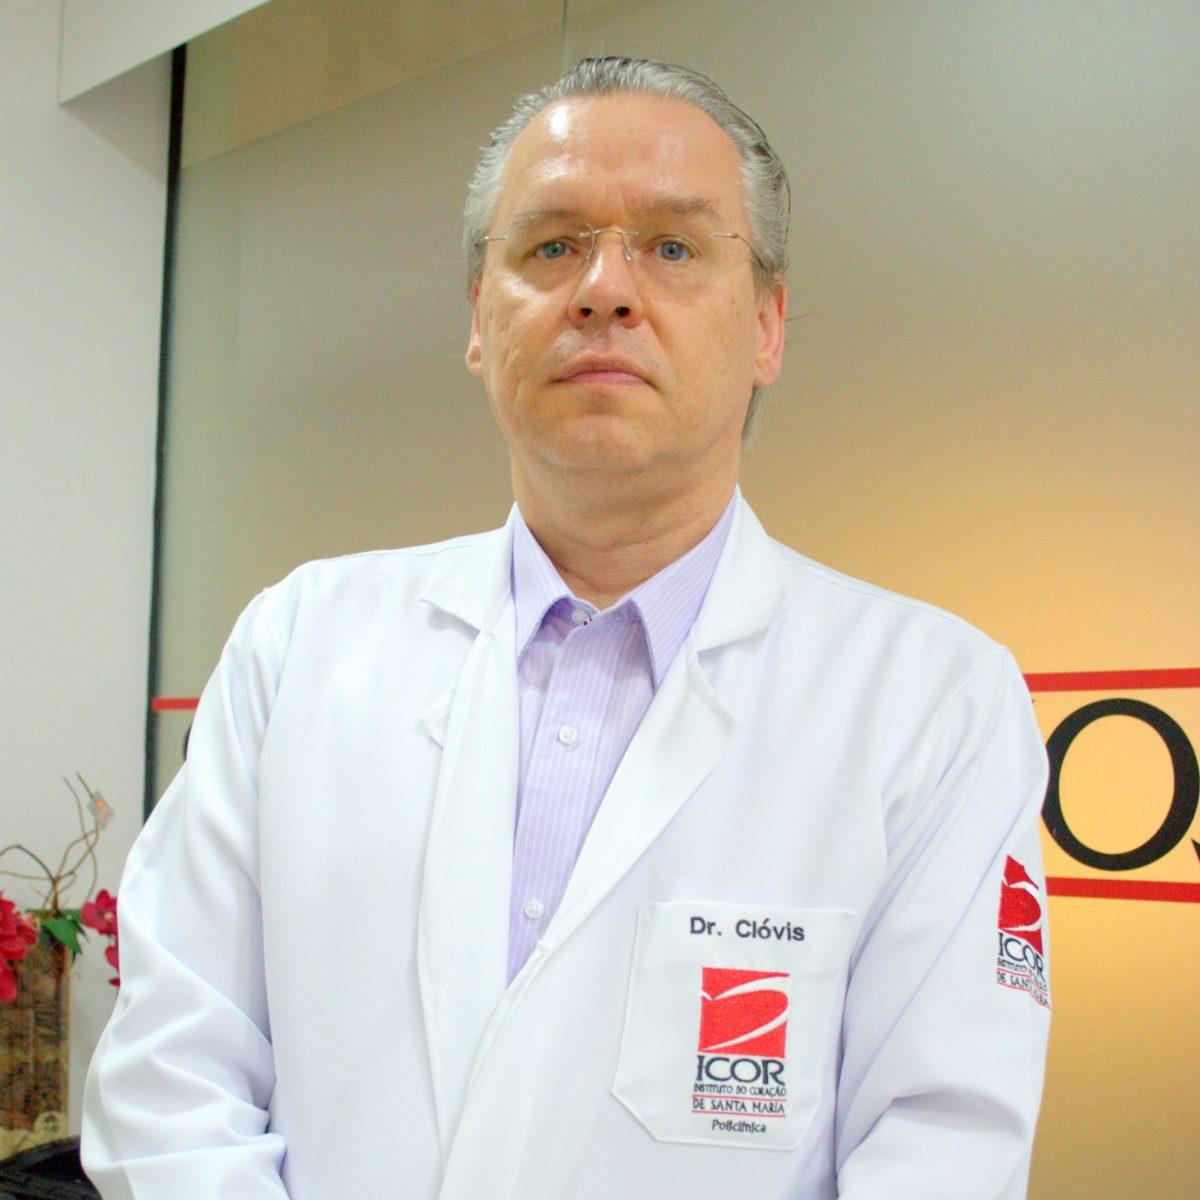 Dr. Clóvis